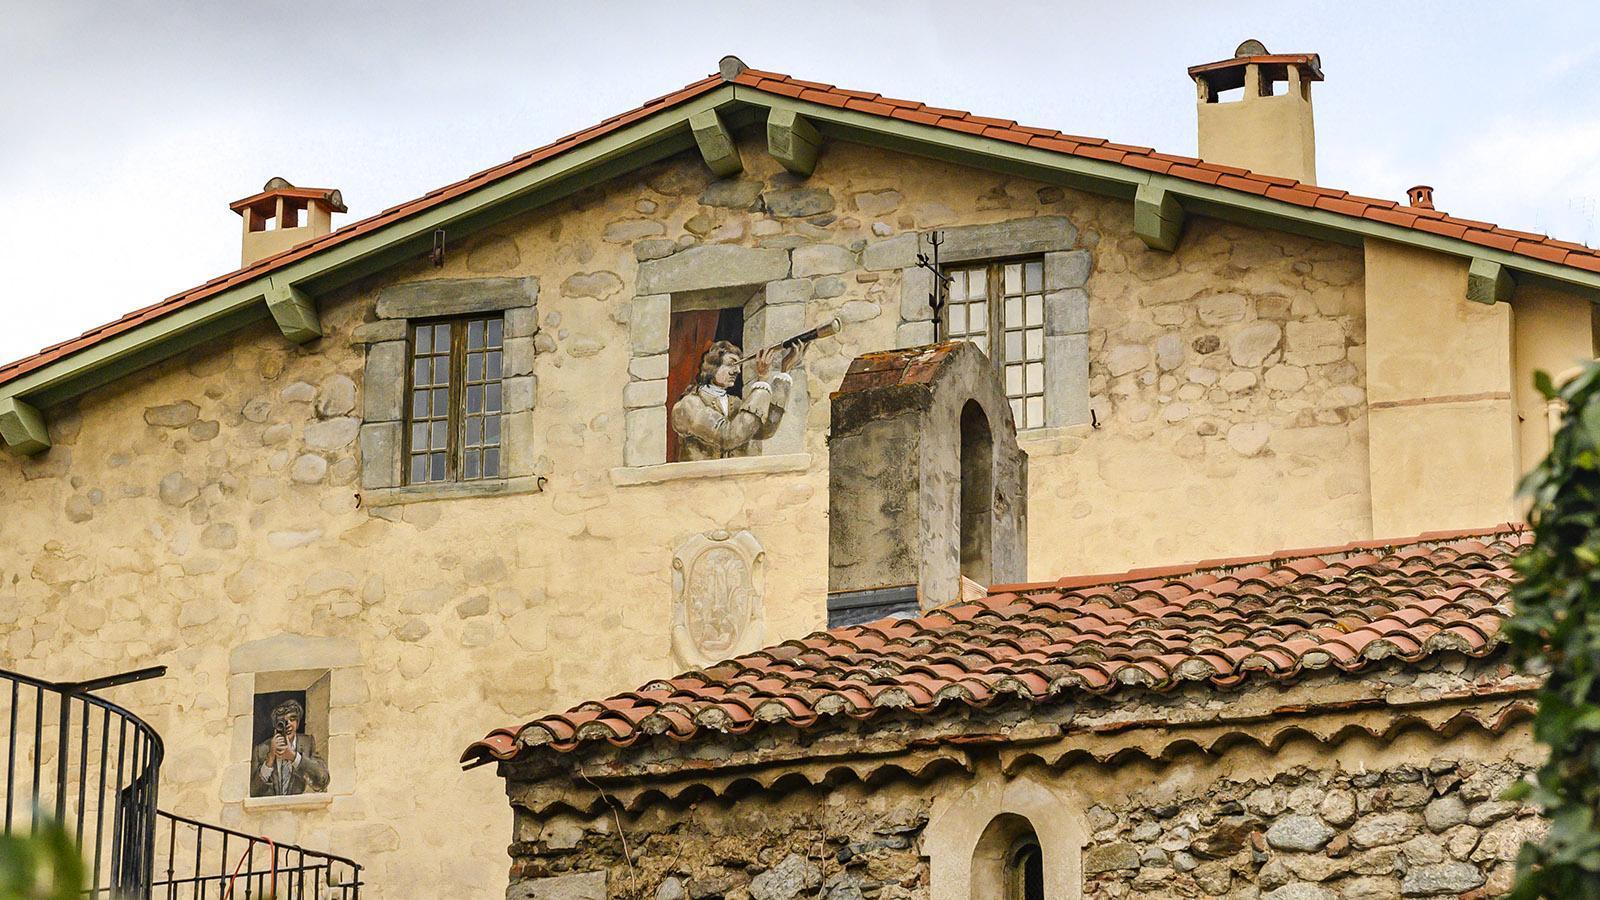 Prats-de-Mollo: Wer kommt denn da? Wachsames Wandbild an der Wehrmauer. Foto: Hilke Maunder